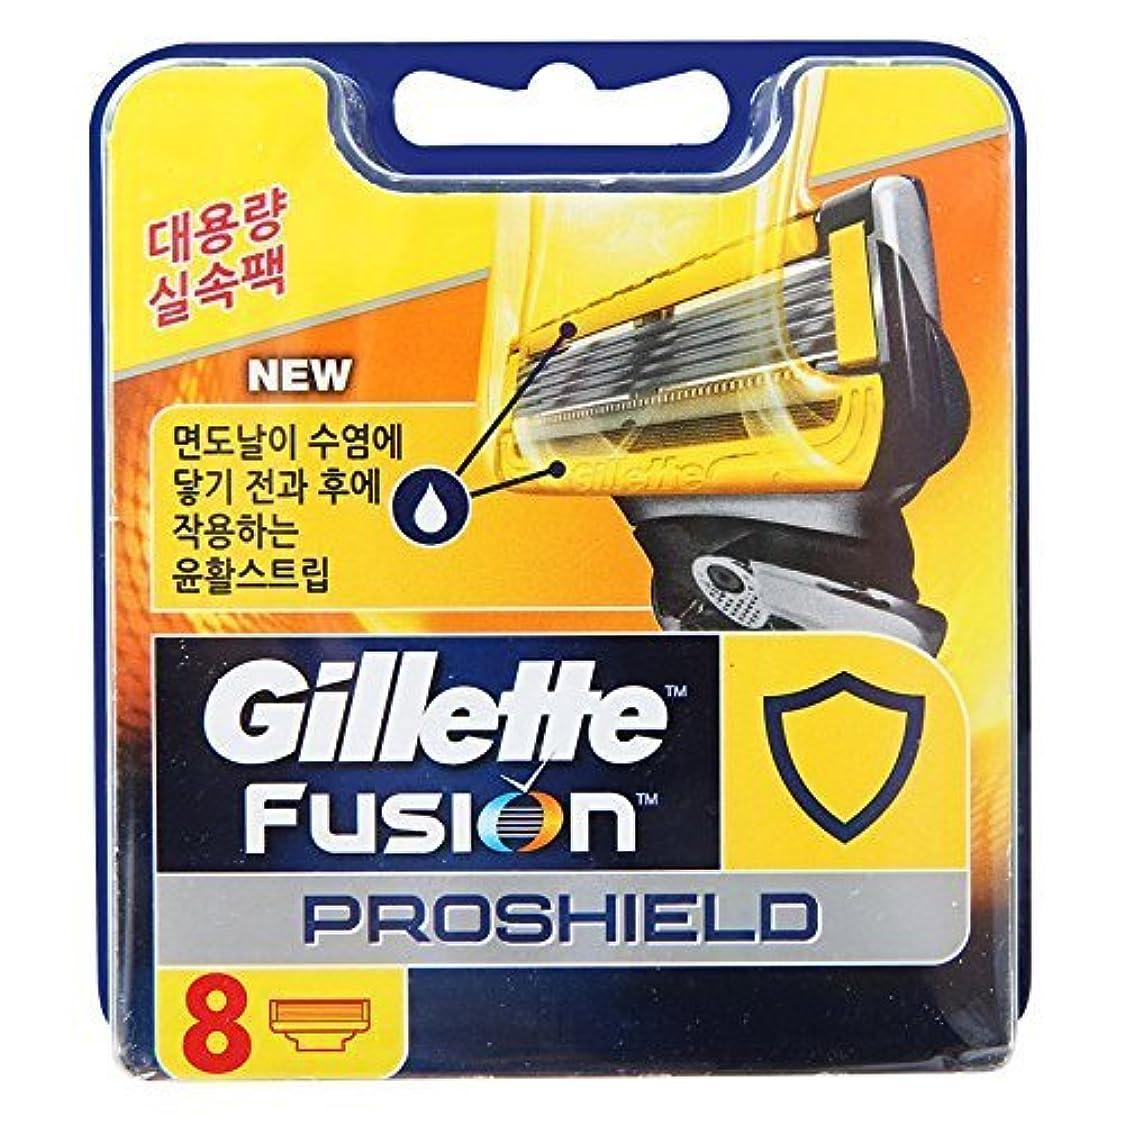 こねる習字違反Gillette Fusion Proshield Yellow Men's Razor Blade 8 Pack / ドイツ製 [並行輸入品]